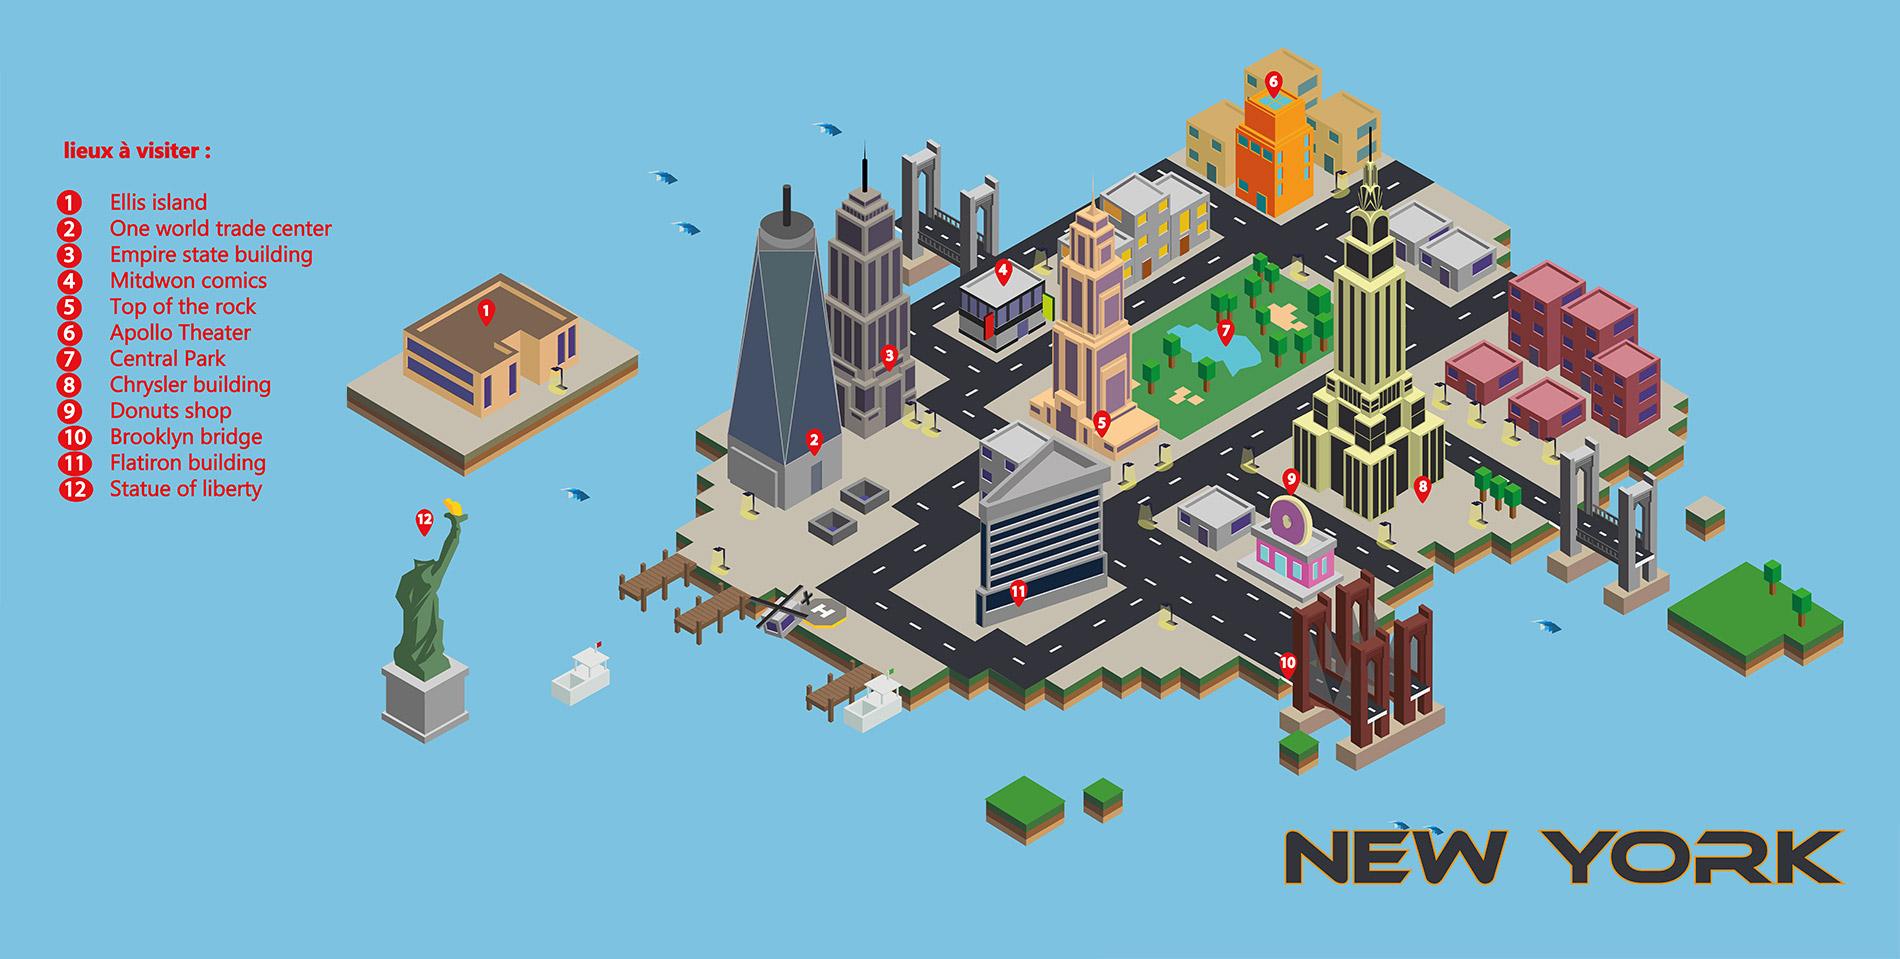 carte illustrator new york